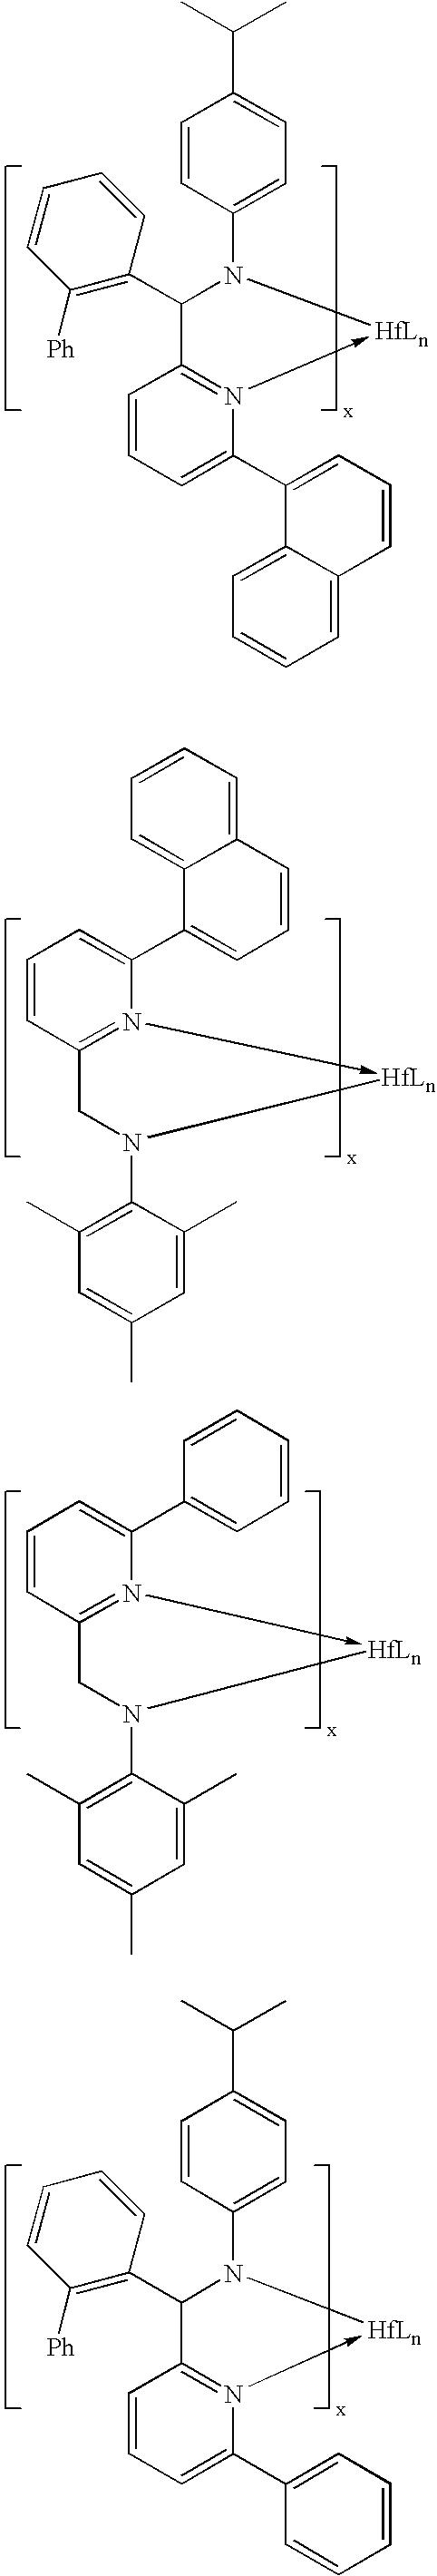 Figure US20070249798A1-20071025-C00017